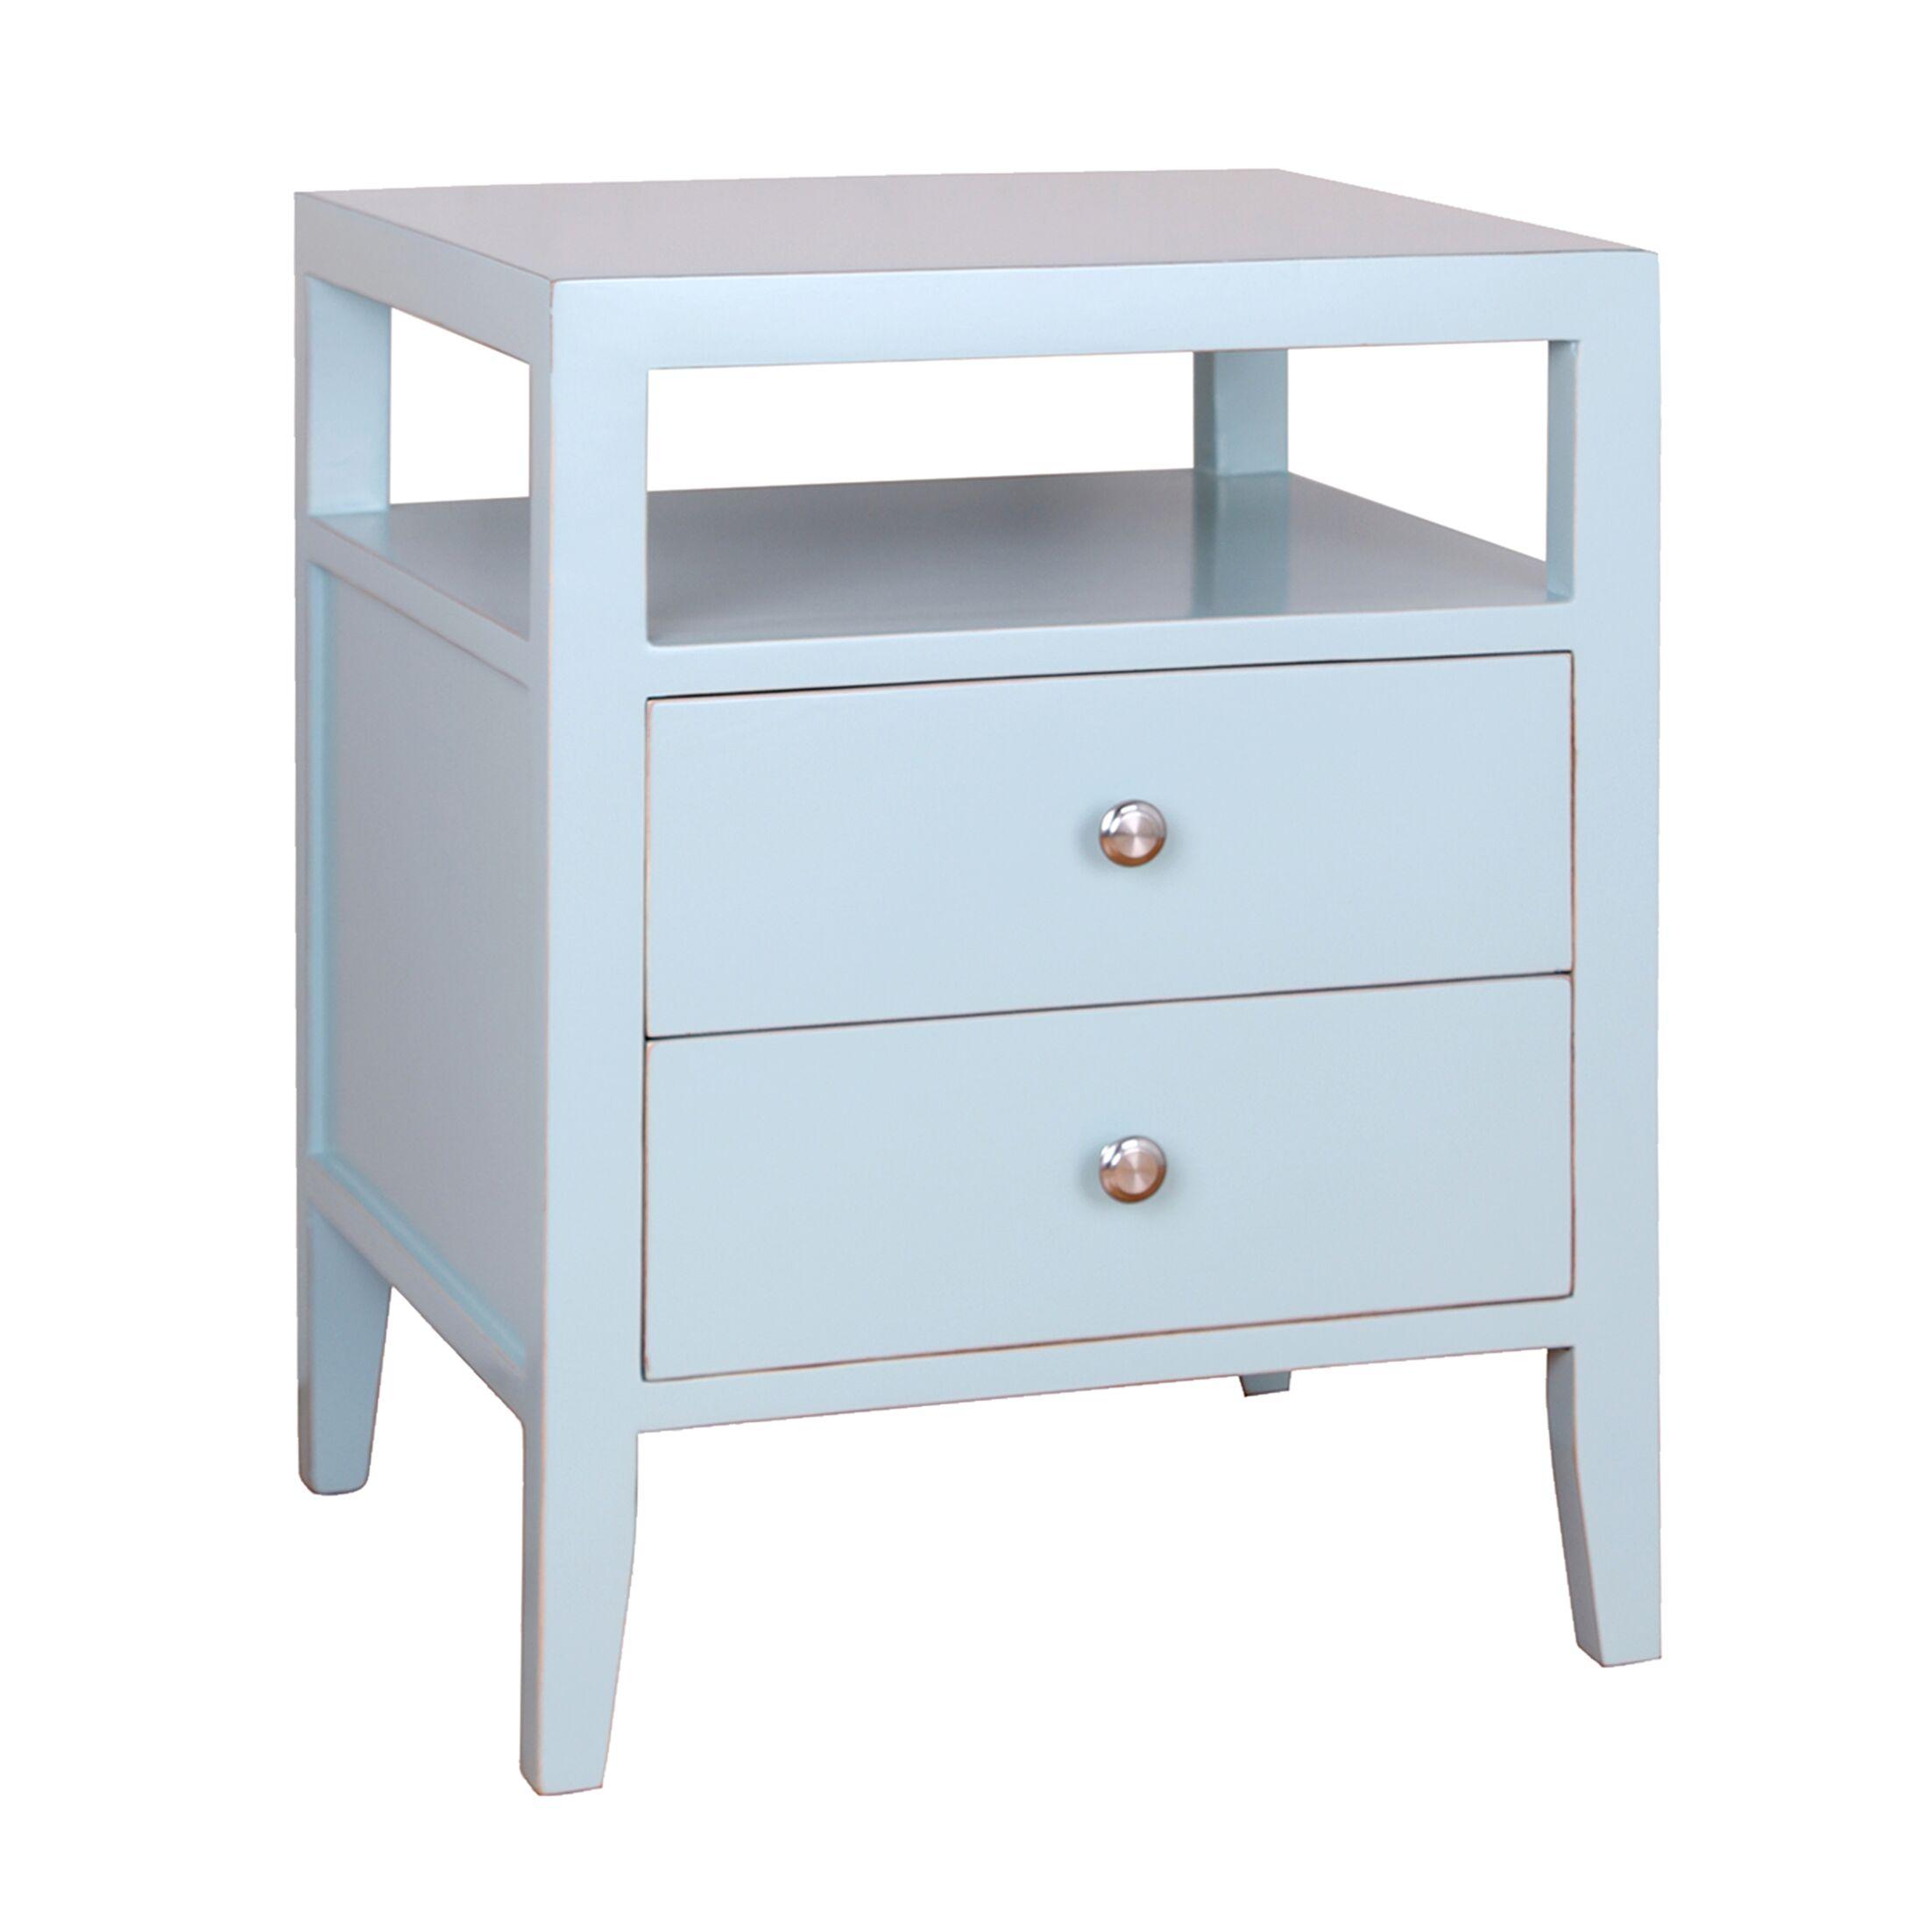 Hana End Table Color: Aqua